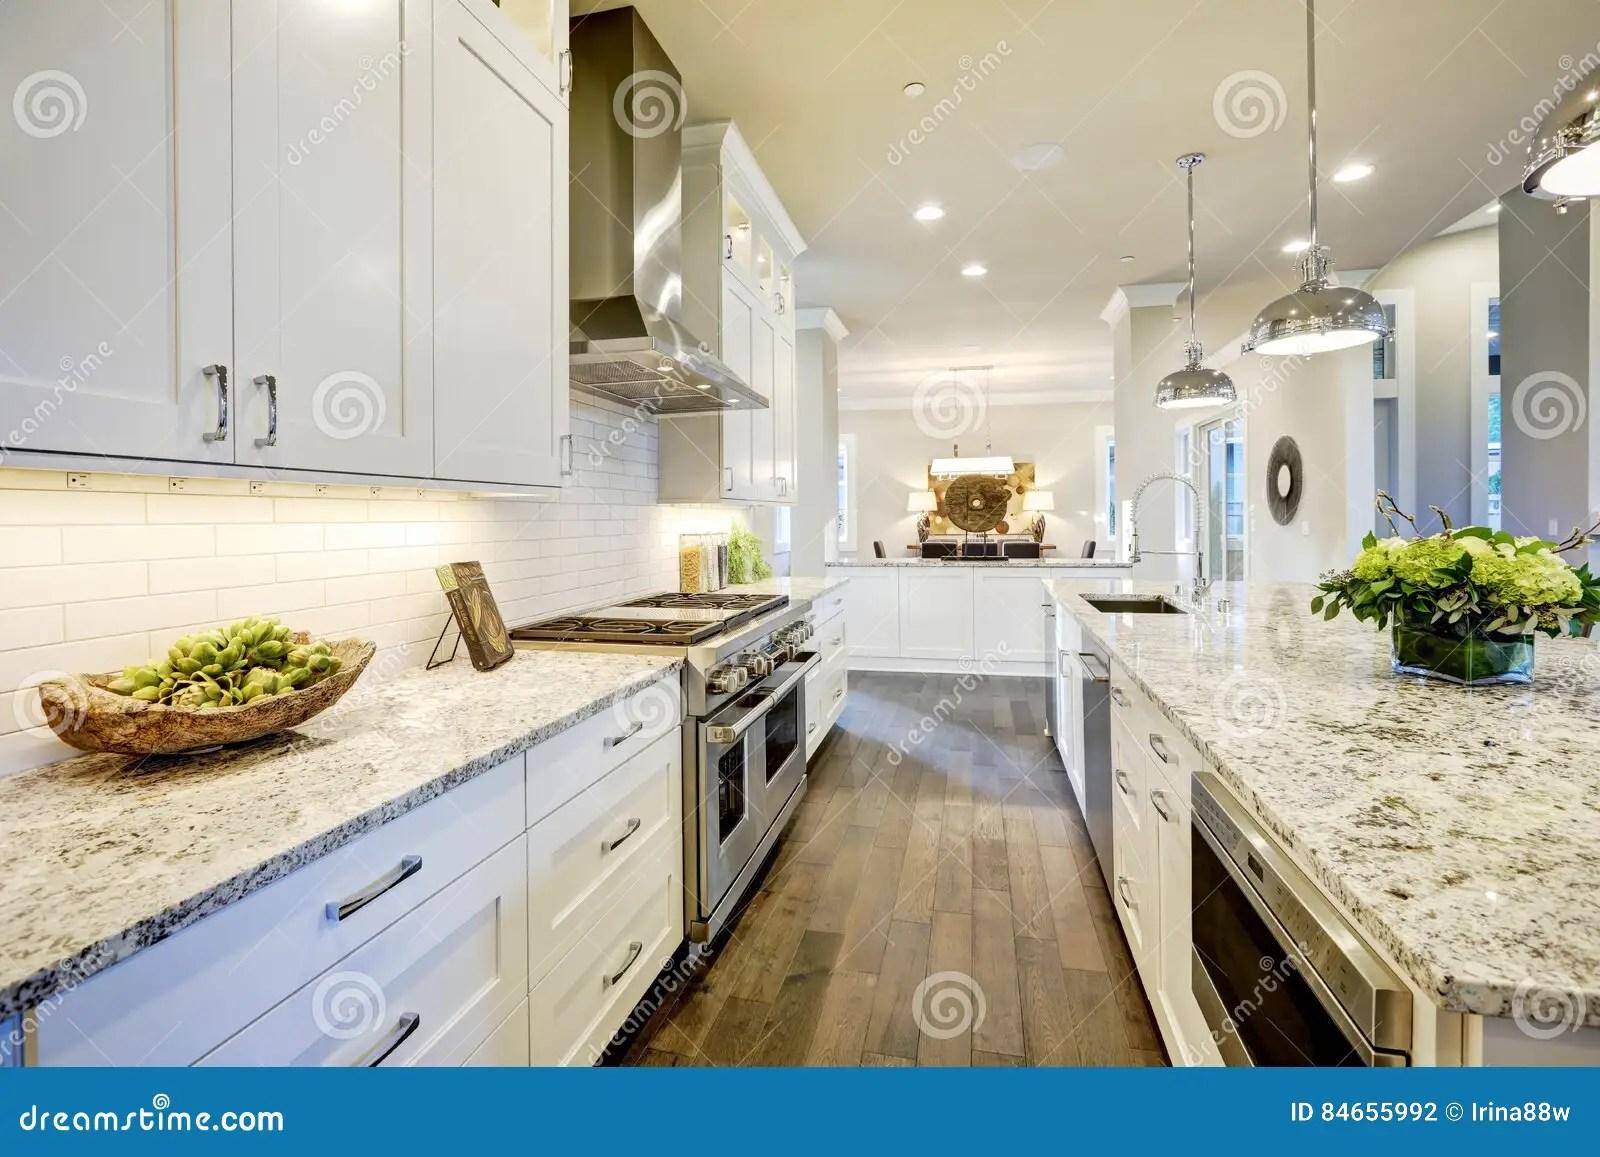 kitchen design jobs small round table sets 白色厨房设计在新的豪华家库存照片 图片包括有计划 装备 水槽 干净 有现代下垂光照亮的花岗岩工作台面的白色厨房设计特点大酒吧样式厨房西北 美国